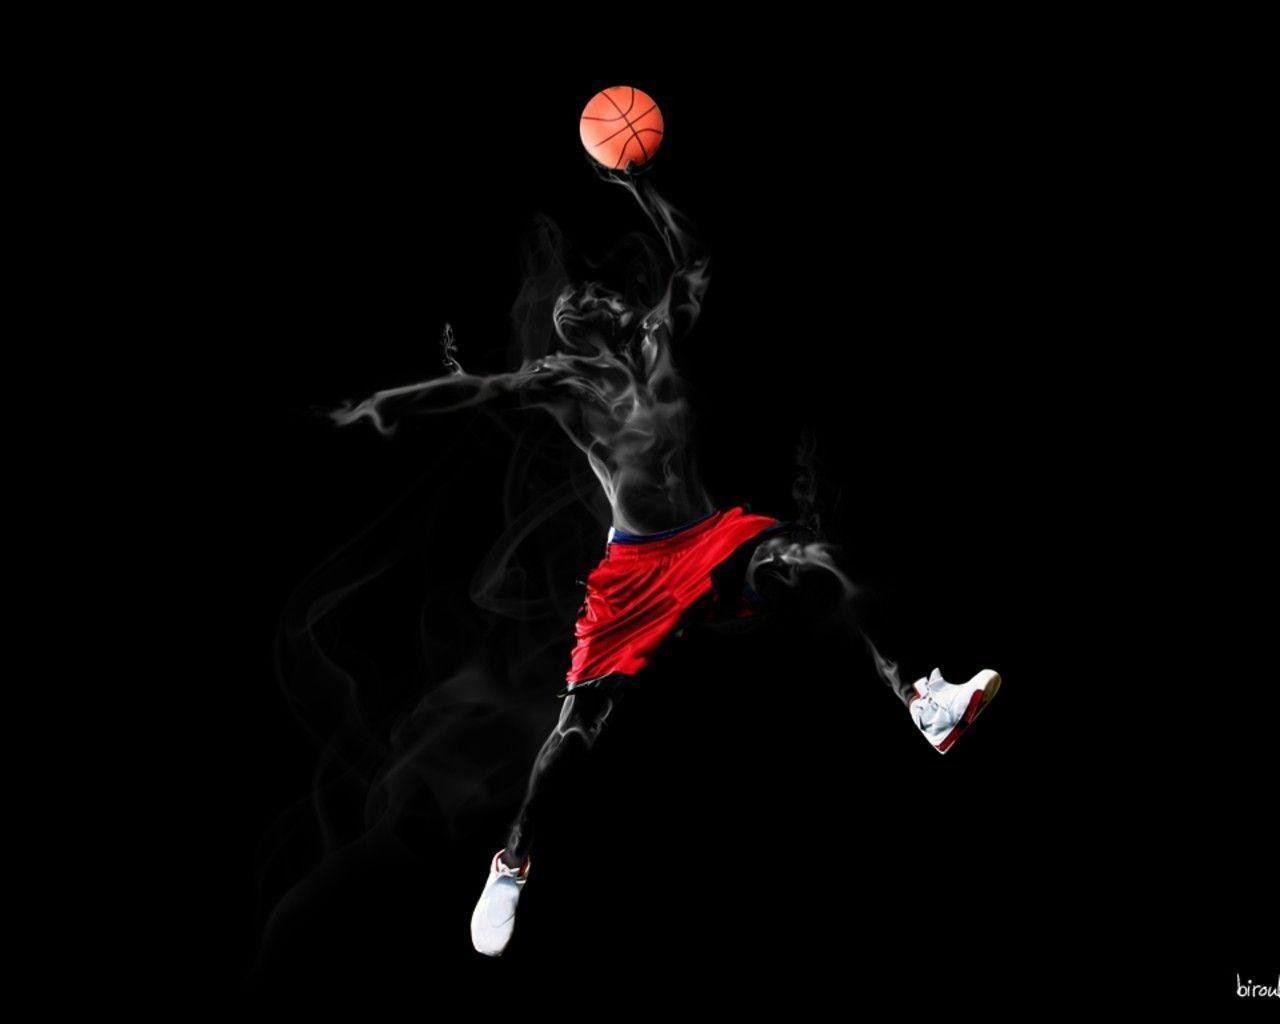 1280x1024 Hình ảnh và Hình ảnh Air Jordan, Hình nền Định nghĩa Air Jordan HQ